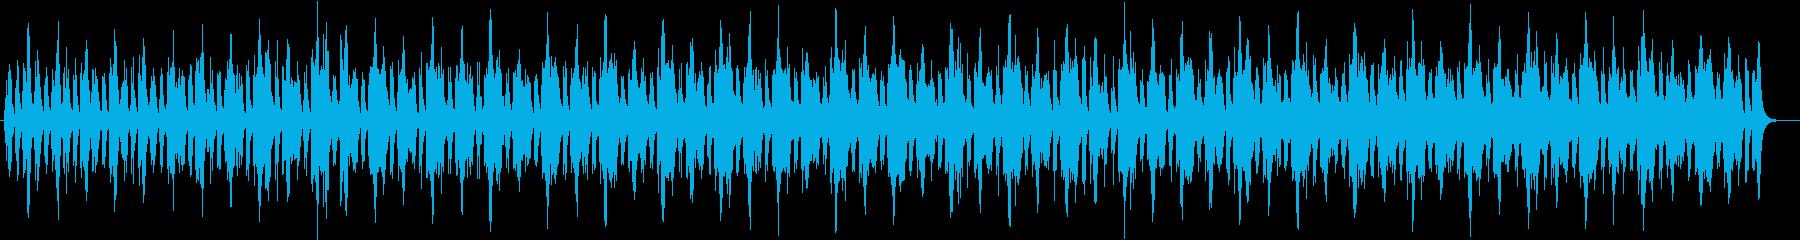 近未来的でクールに繰り返されるフレーズの再生済みの波形